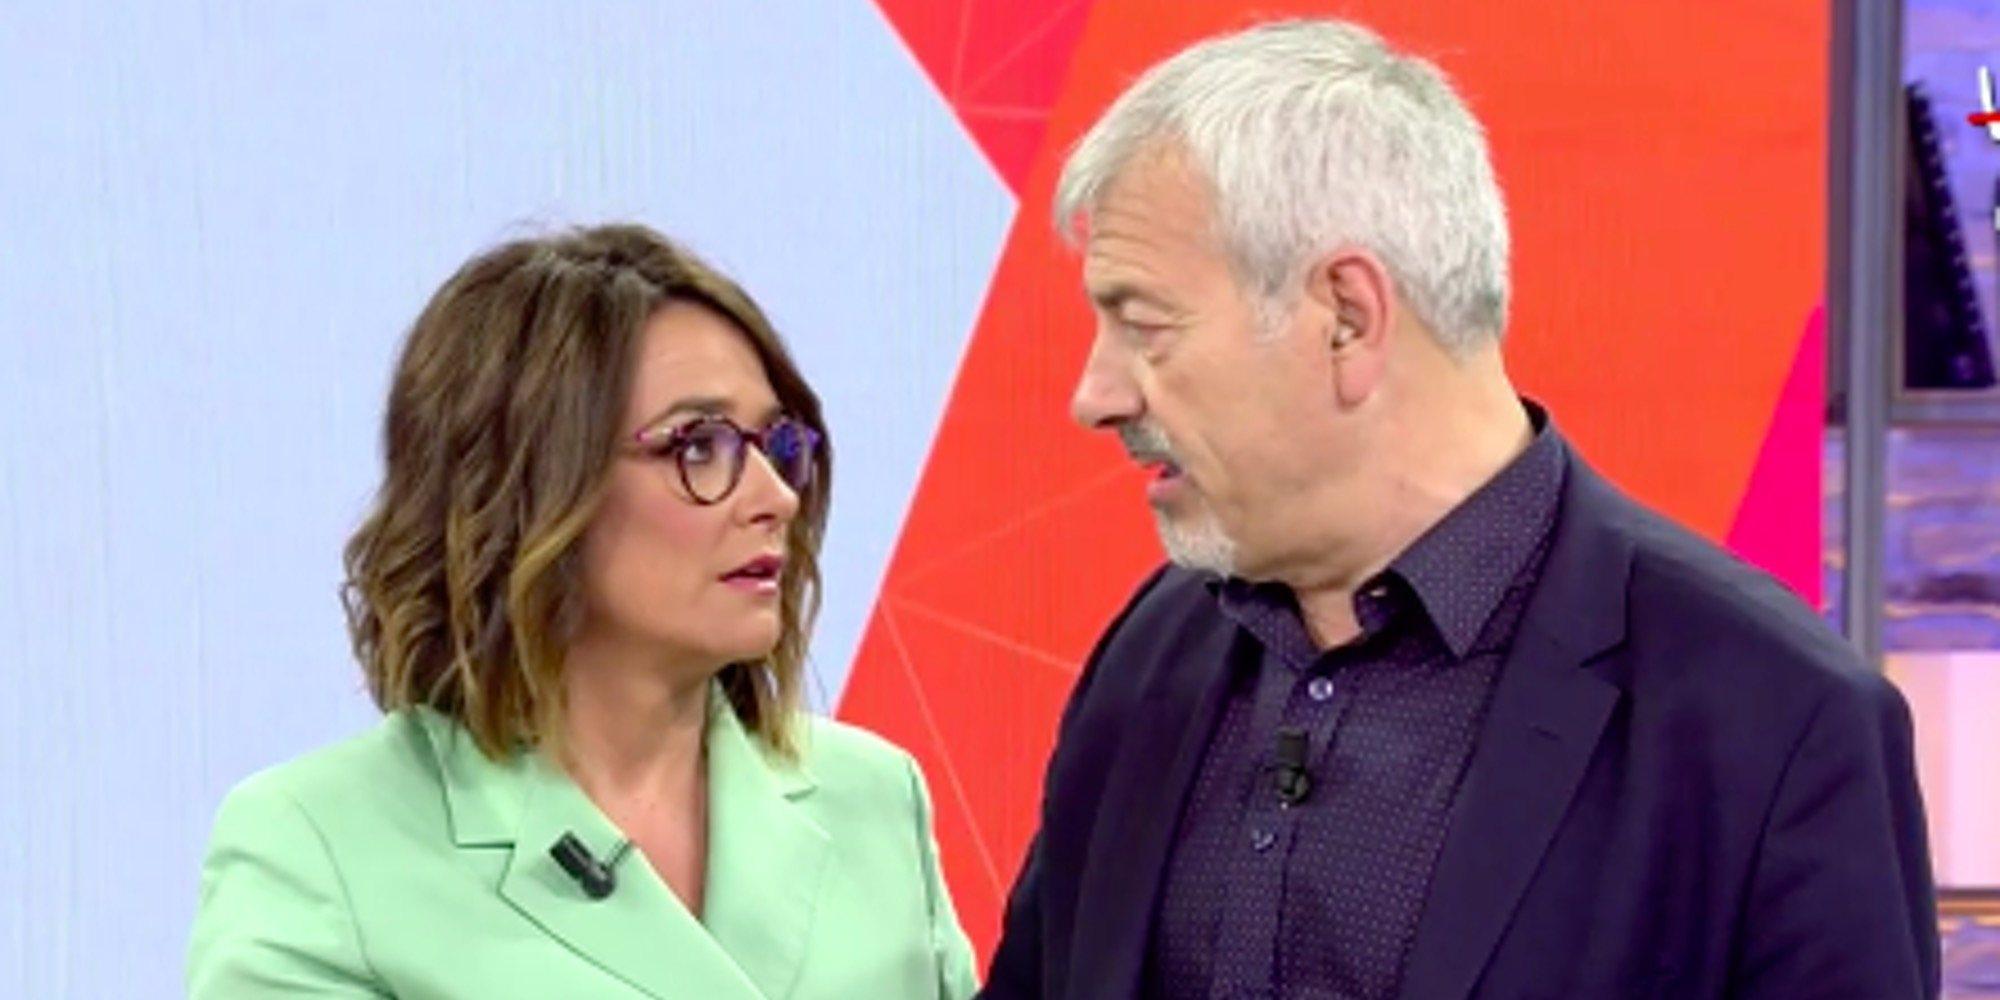 Toñi Moreno y Carlos Sobera dan rienda suelta a su amor con un beso en 'Viva la vida'